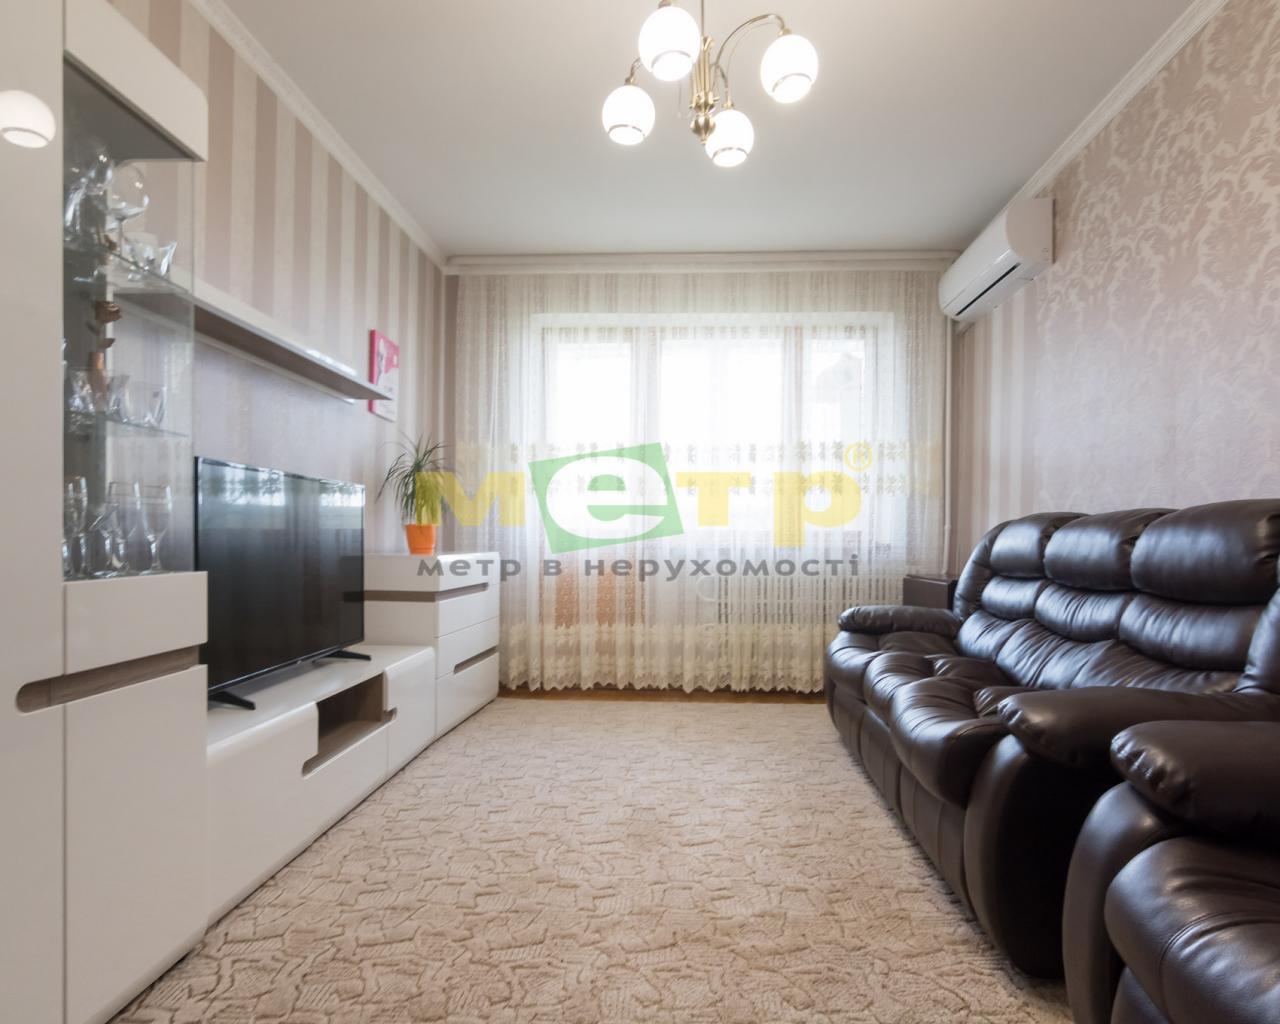 Продажа  объявление 3-х комн. квартира, 70кв.м, на Алексеевке, ул. Ахсарова